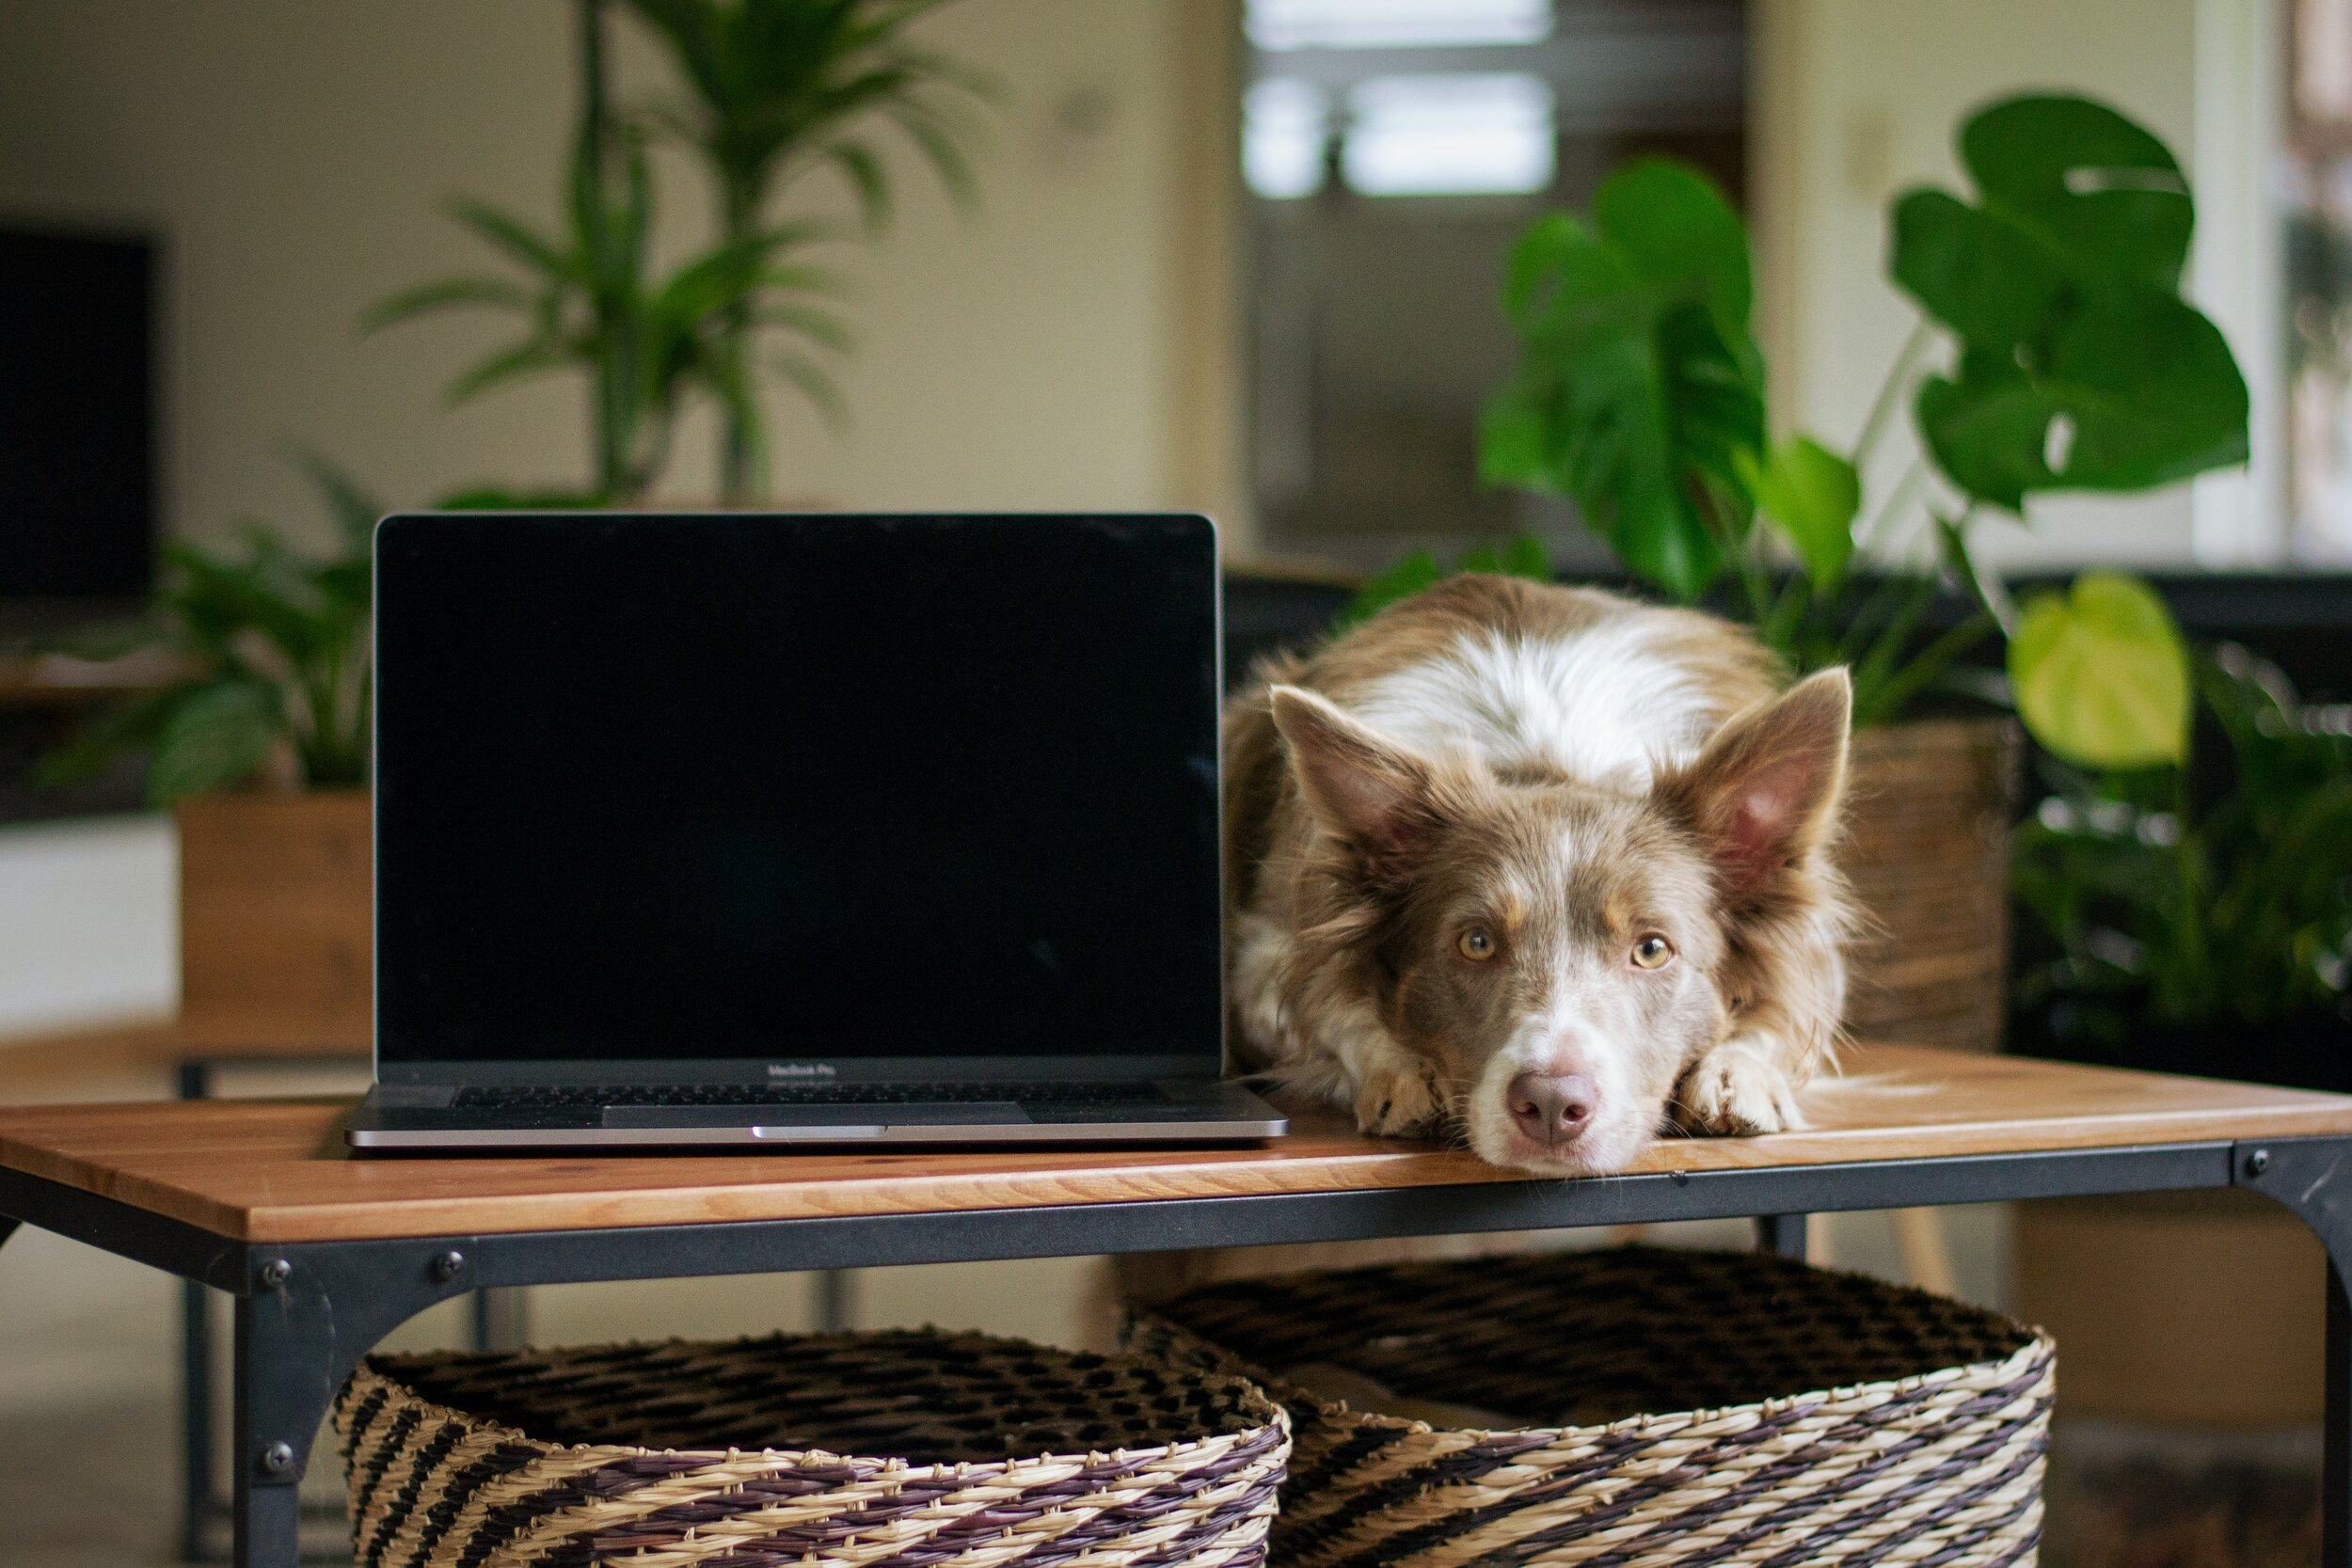 一只狗躺在书桌上,旁边是一台笔记本电脑。